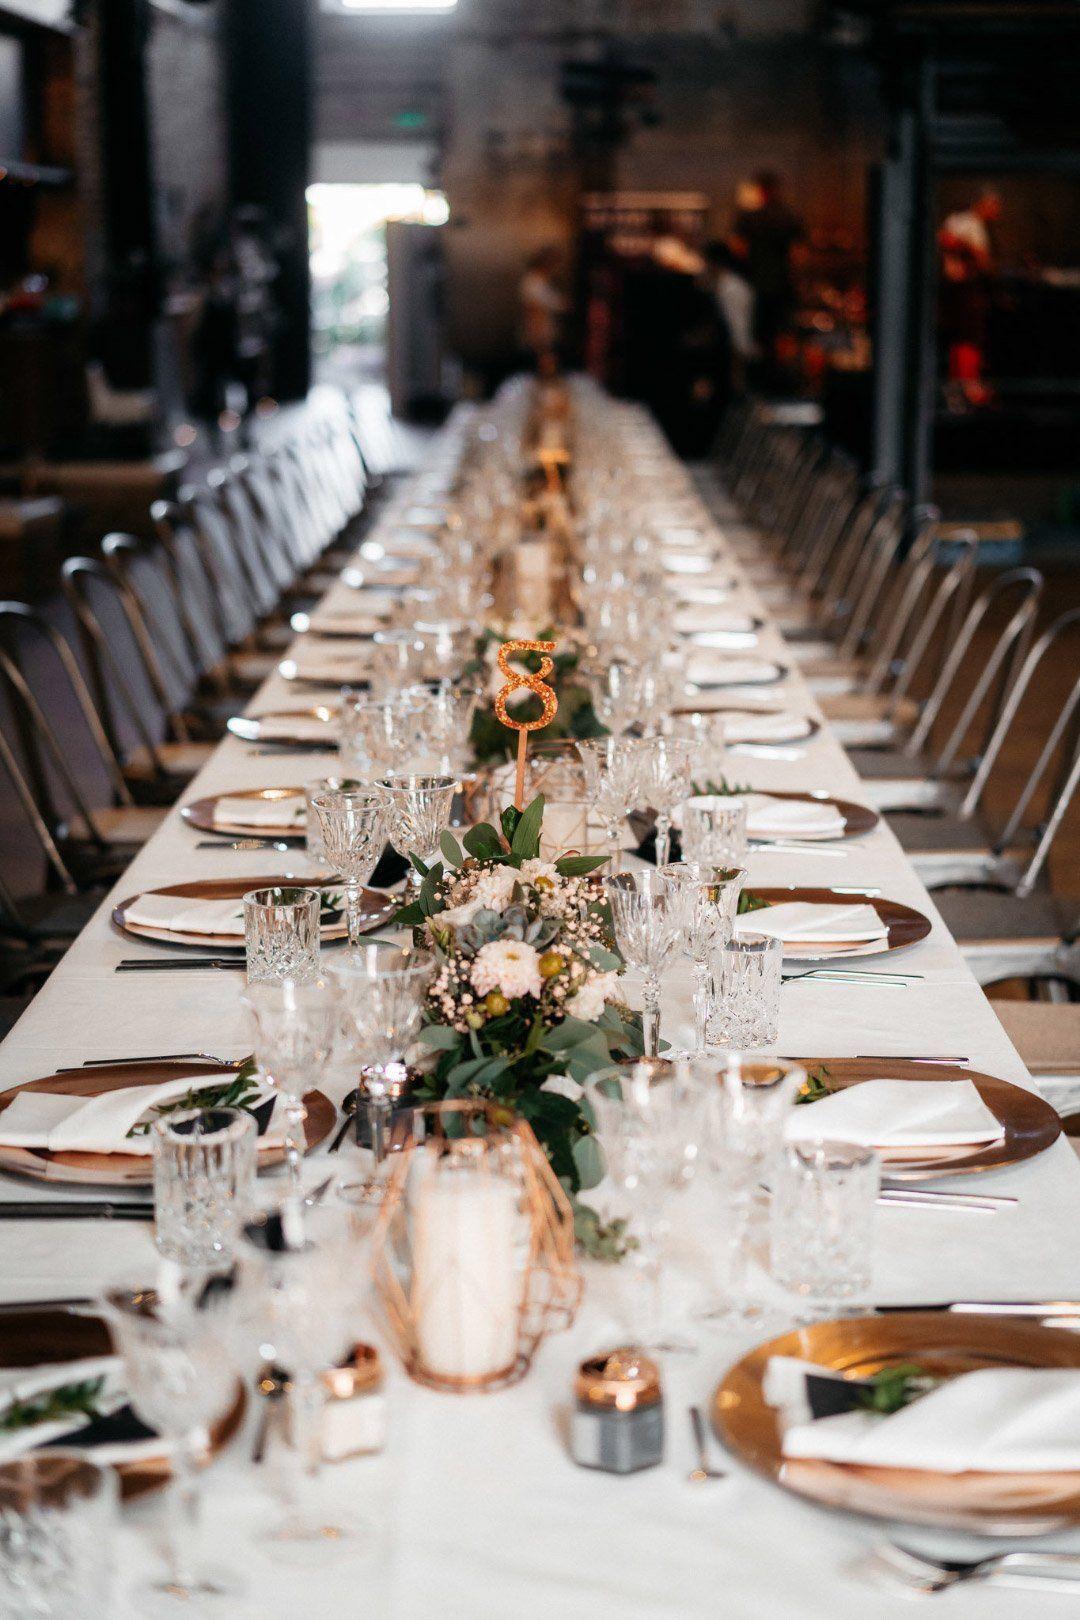 Tischdeko Einer Langen Tafel Bei Der Hochzeit Hochzeit Deko Tisch Langer Tisch Hochzeit Tischdekoration Hochzeit